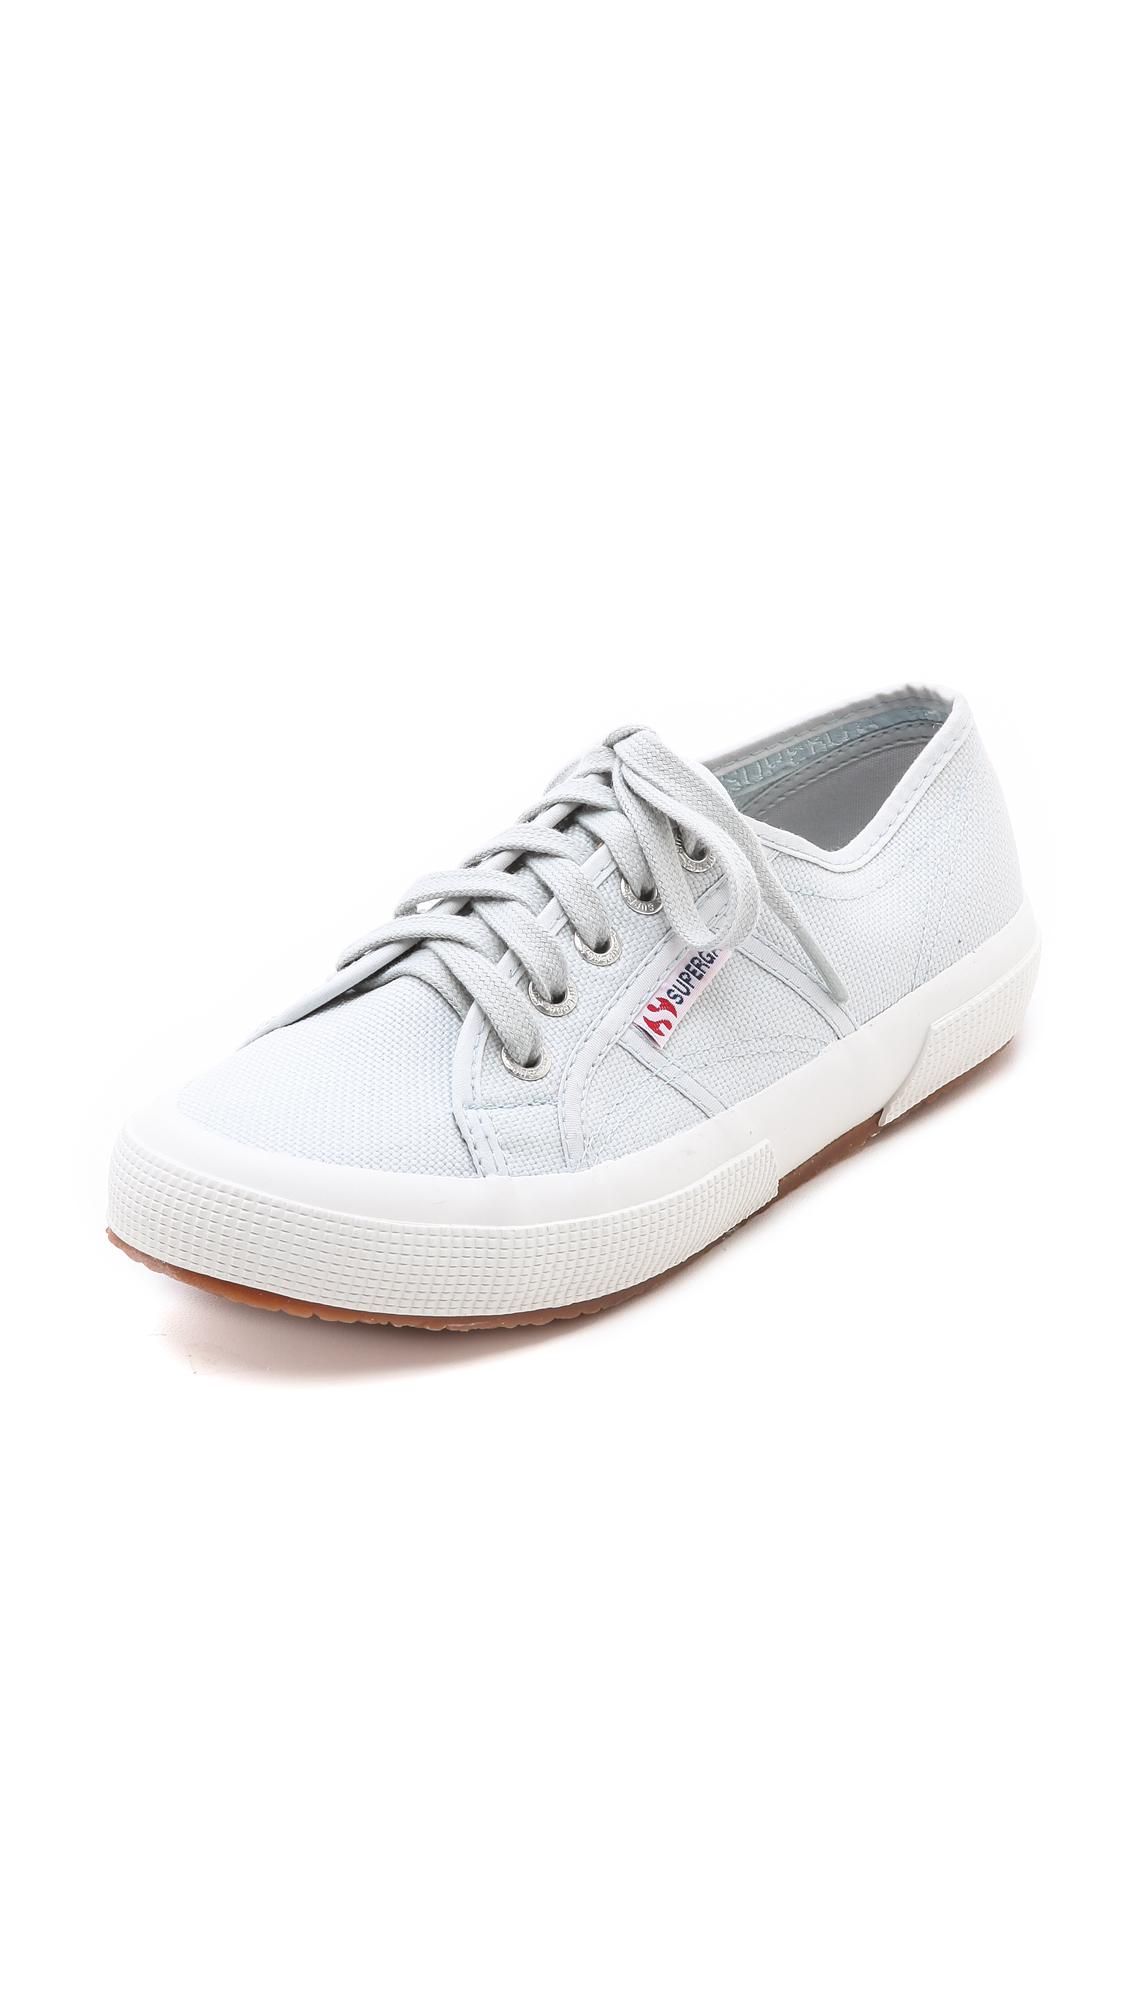 Superga: Superga Cotu Classic Sneakers In White (Aluminum)